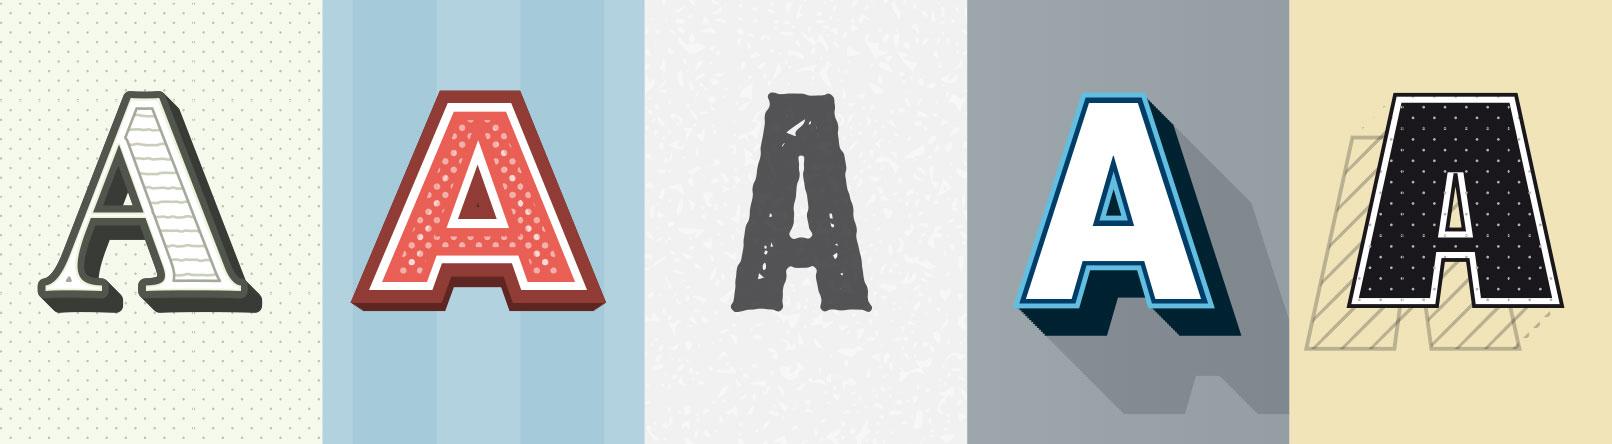 Beispiele für die 5 Grafikstile für Illustrator zum Download